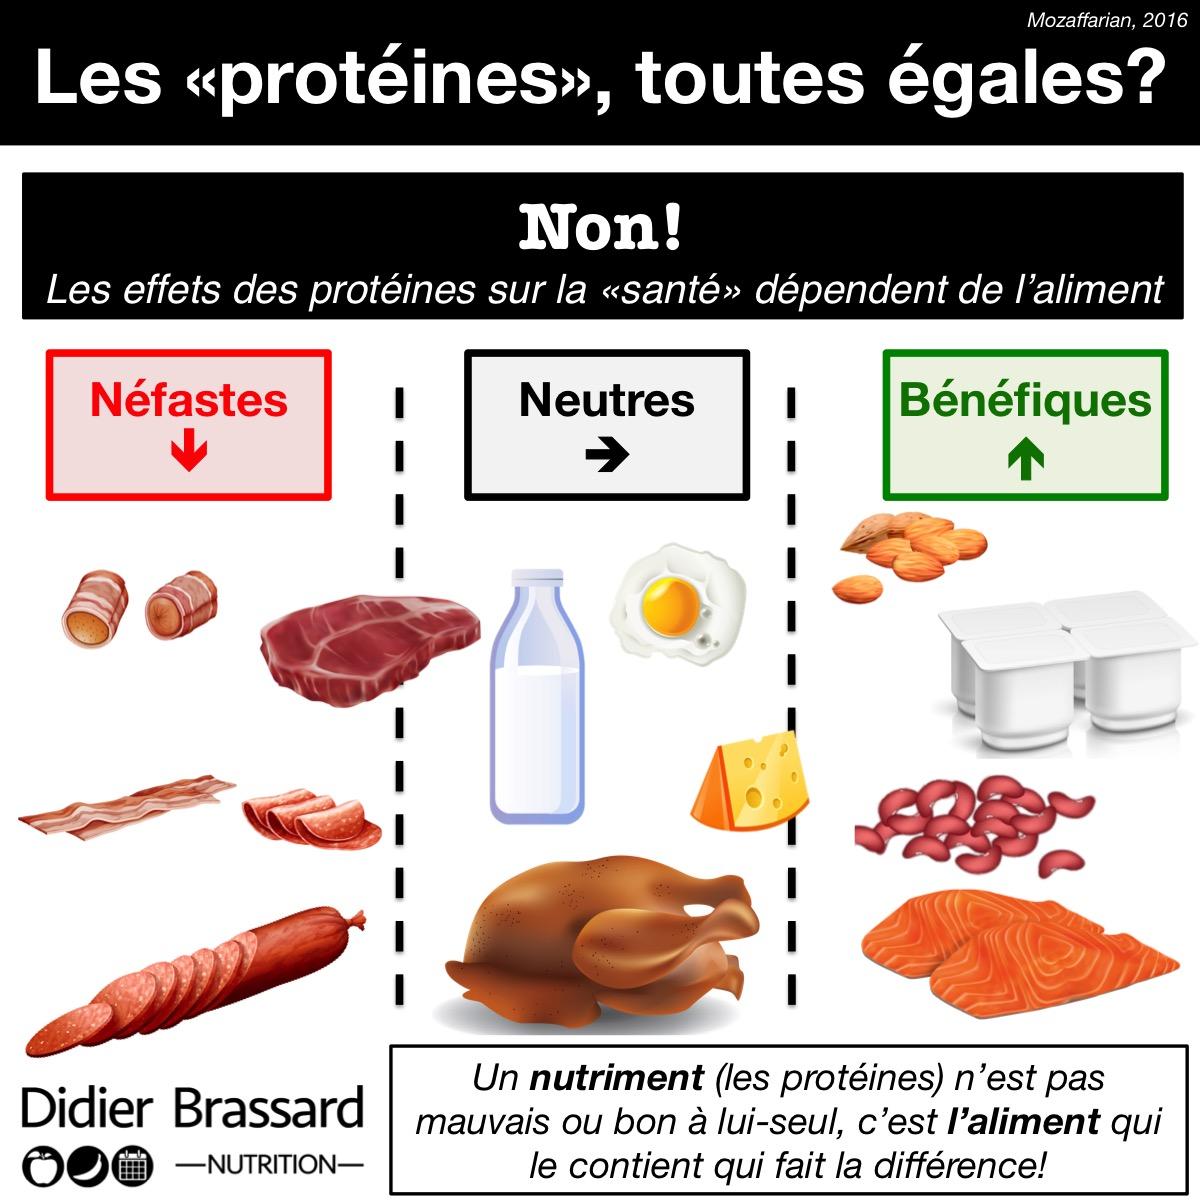 les proteines dans les aliments